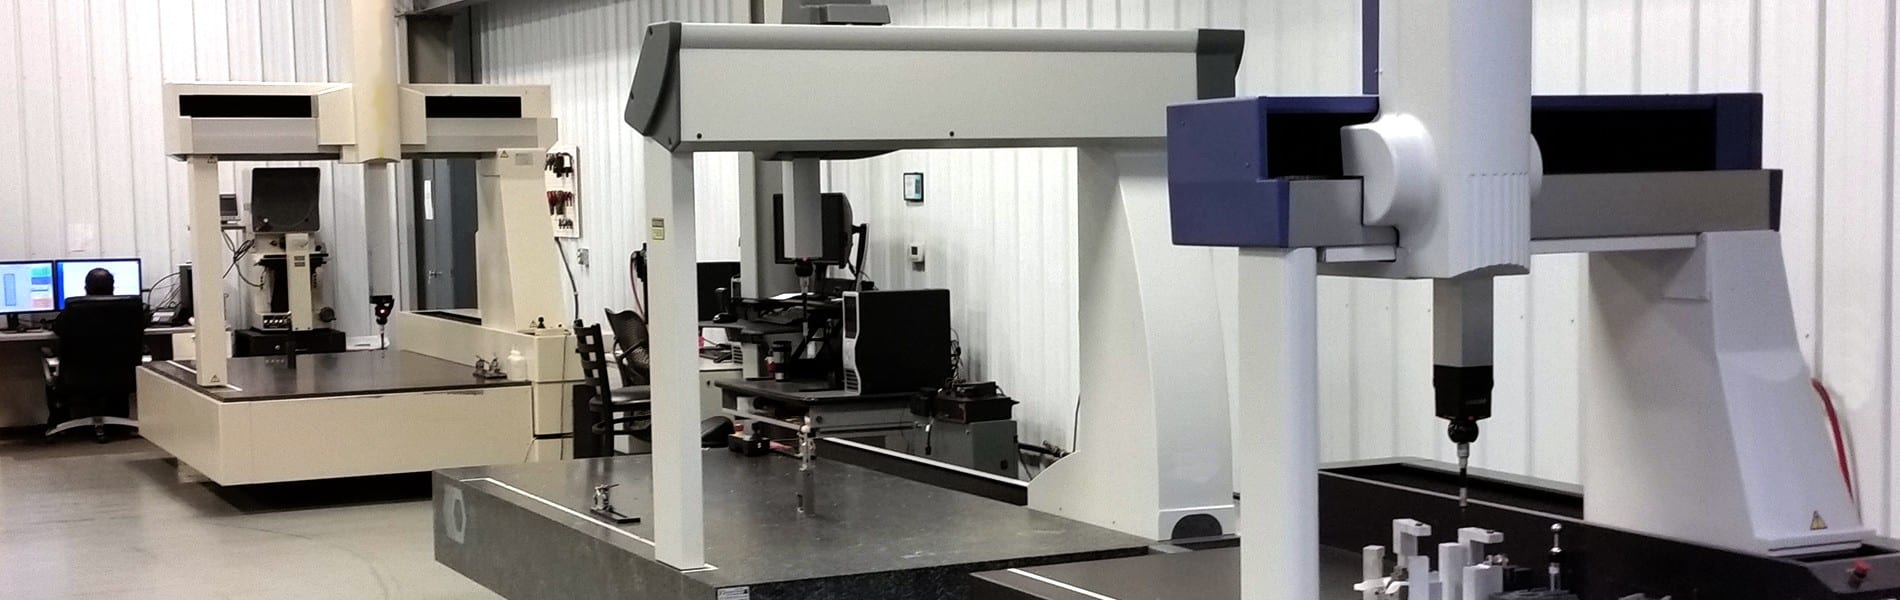 lif-lab-01